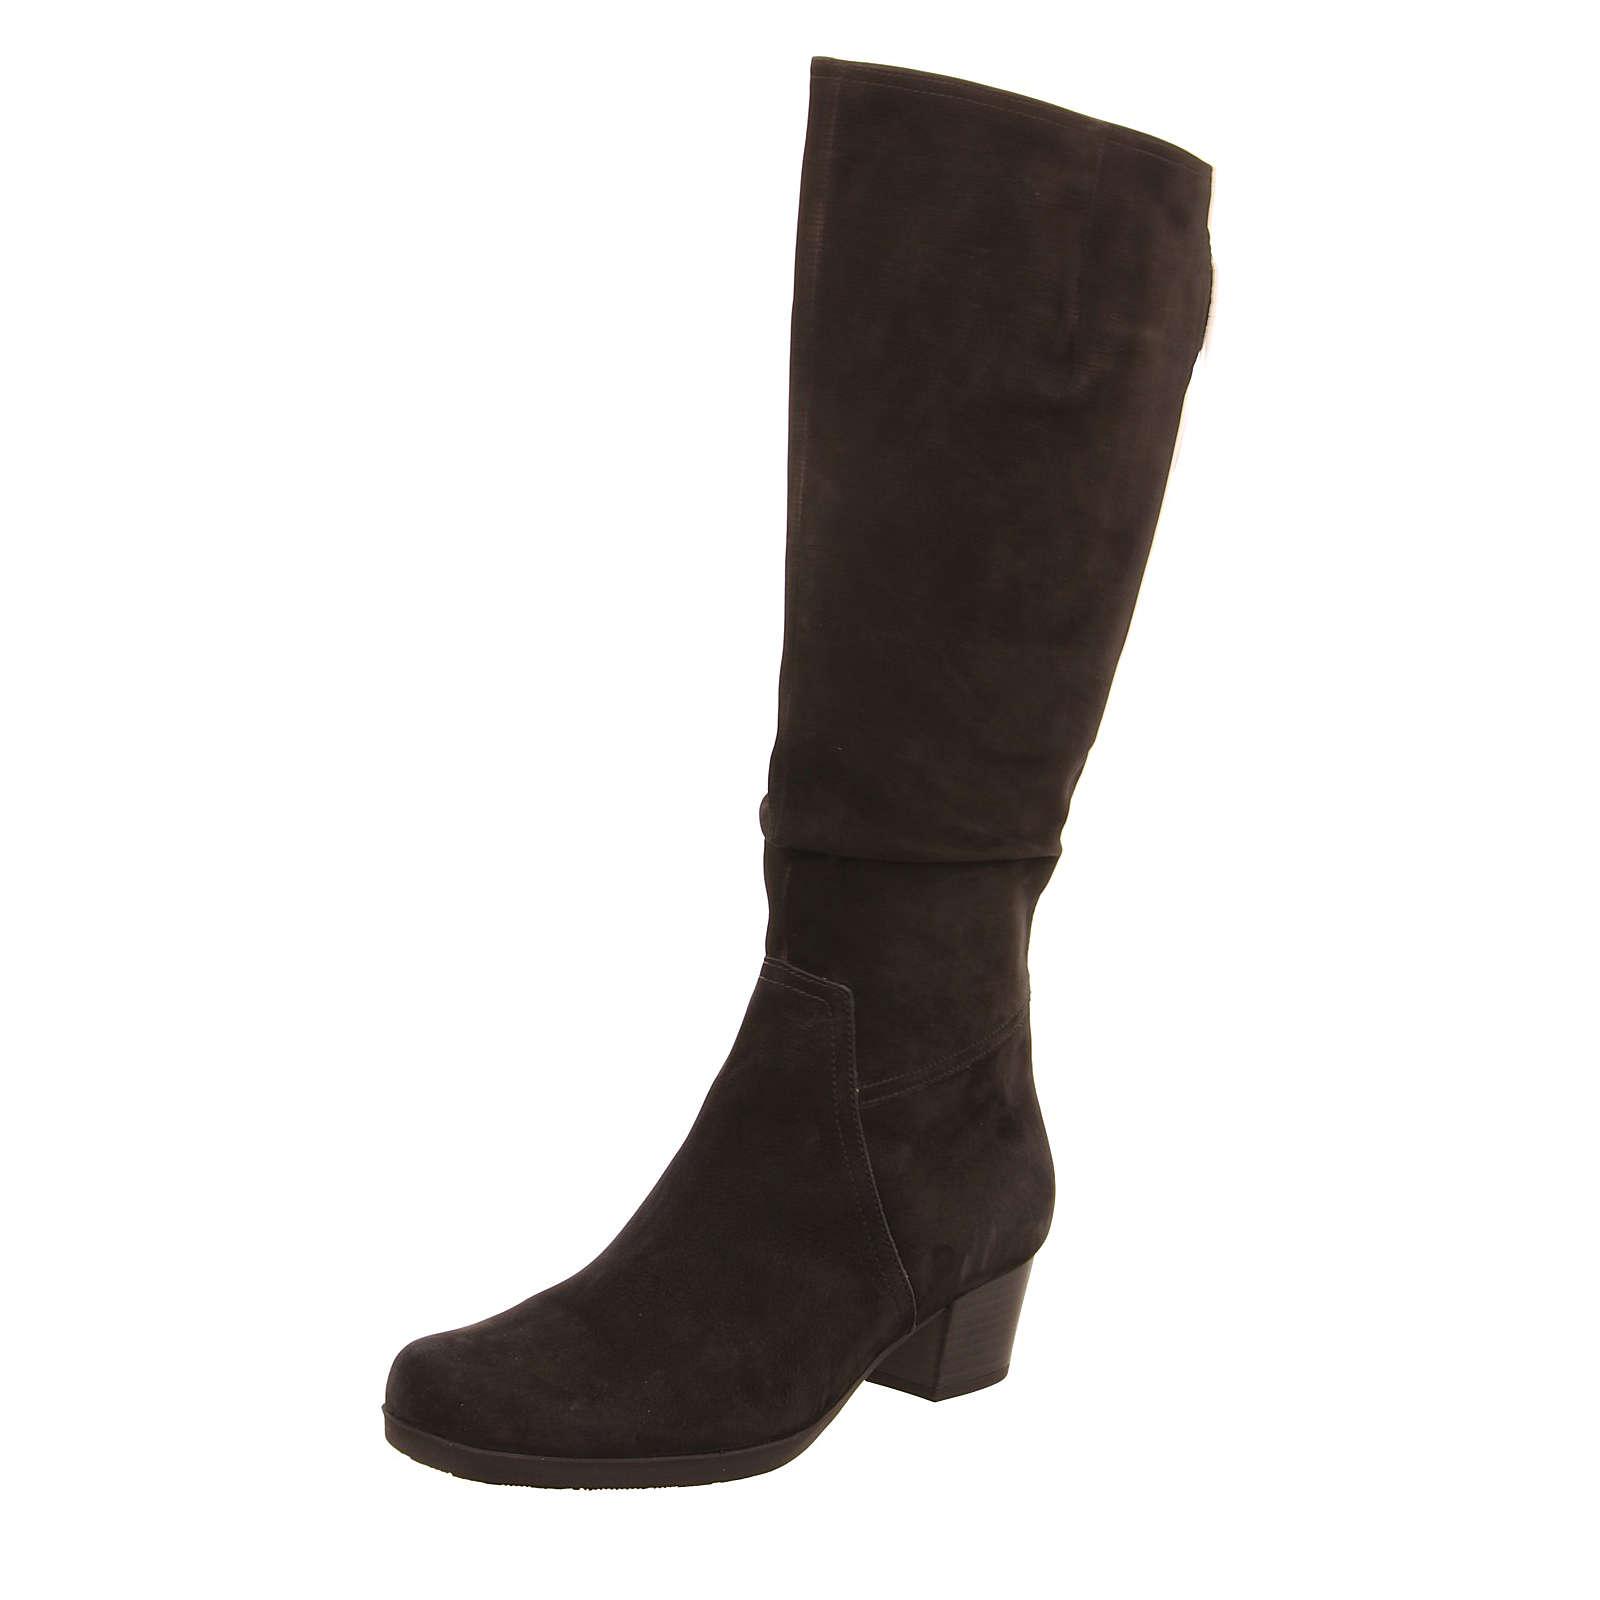 Gabor Stiefel schwarz Damen Gr. 38,5